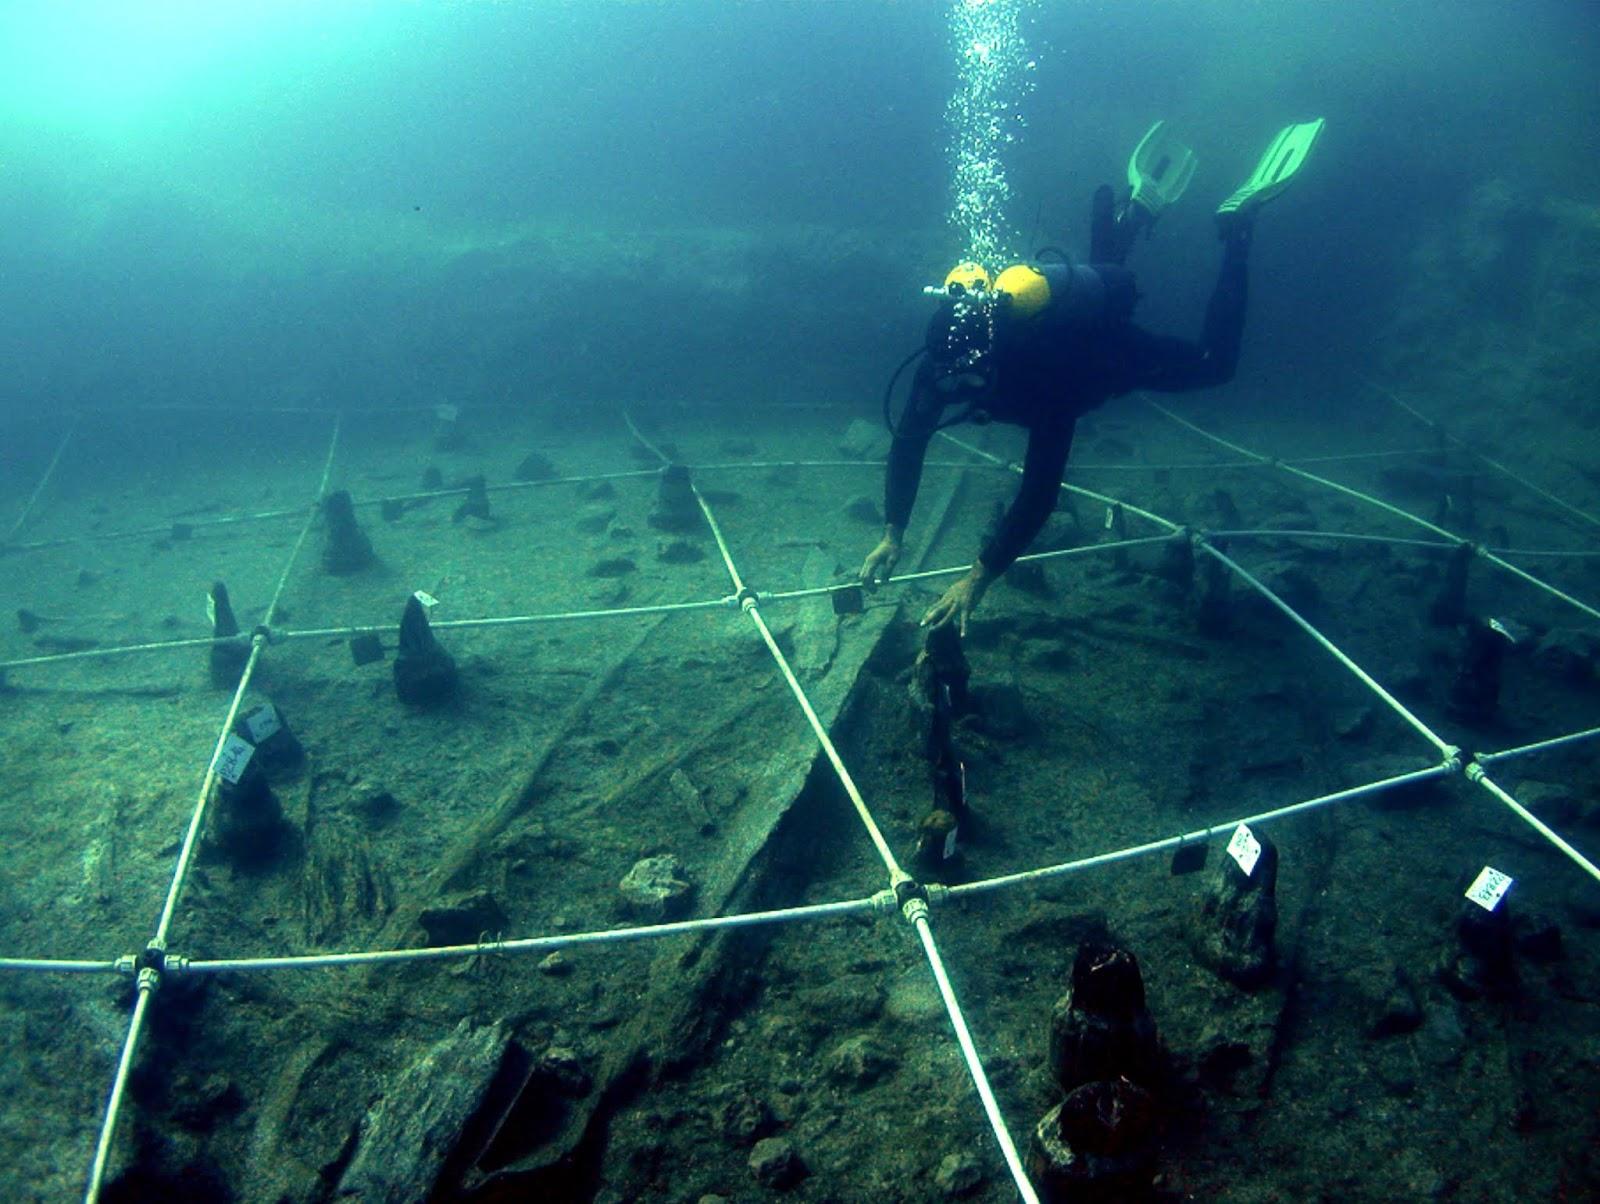 Yacimiento neolítico subacuático de La Marmotta, cerca de Roma. Foto: Museo delle Civiltà.